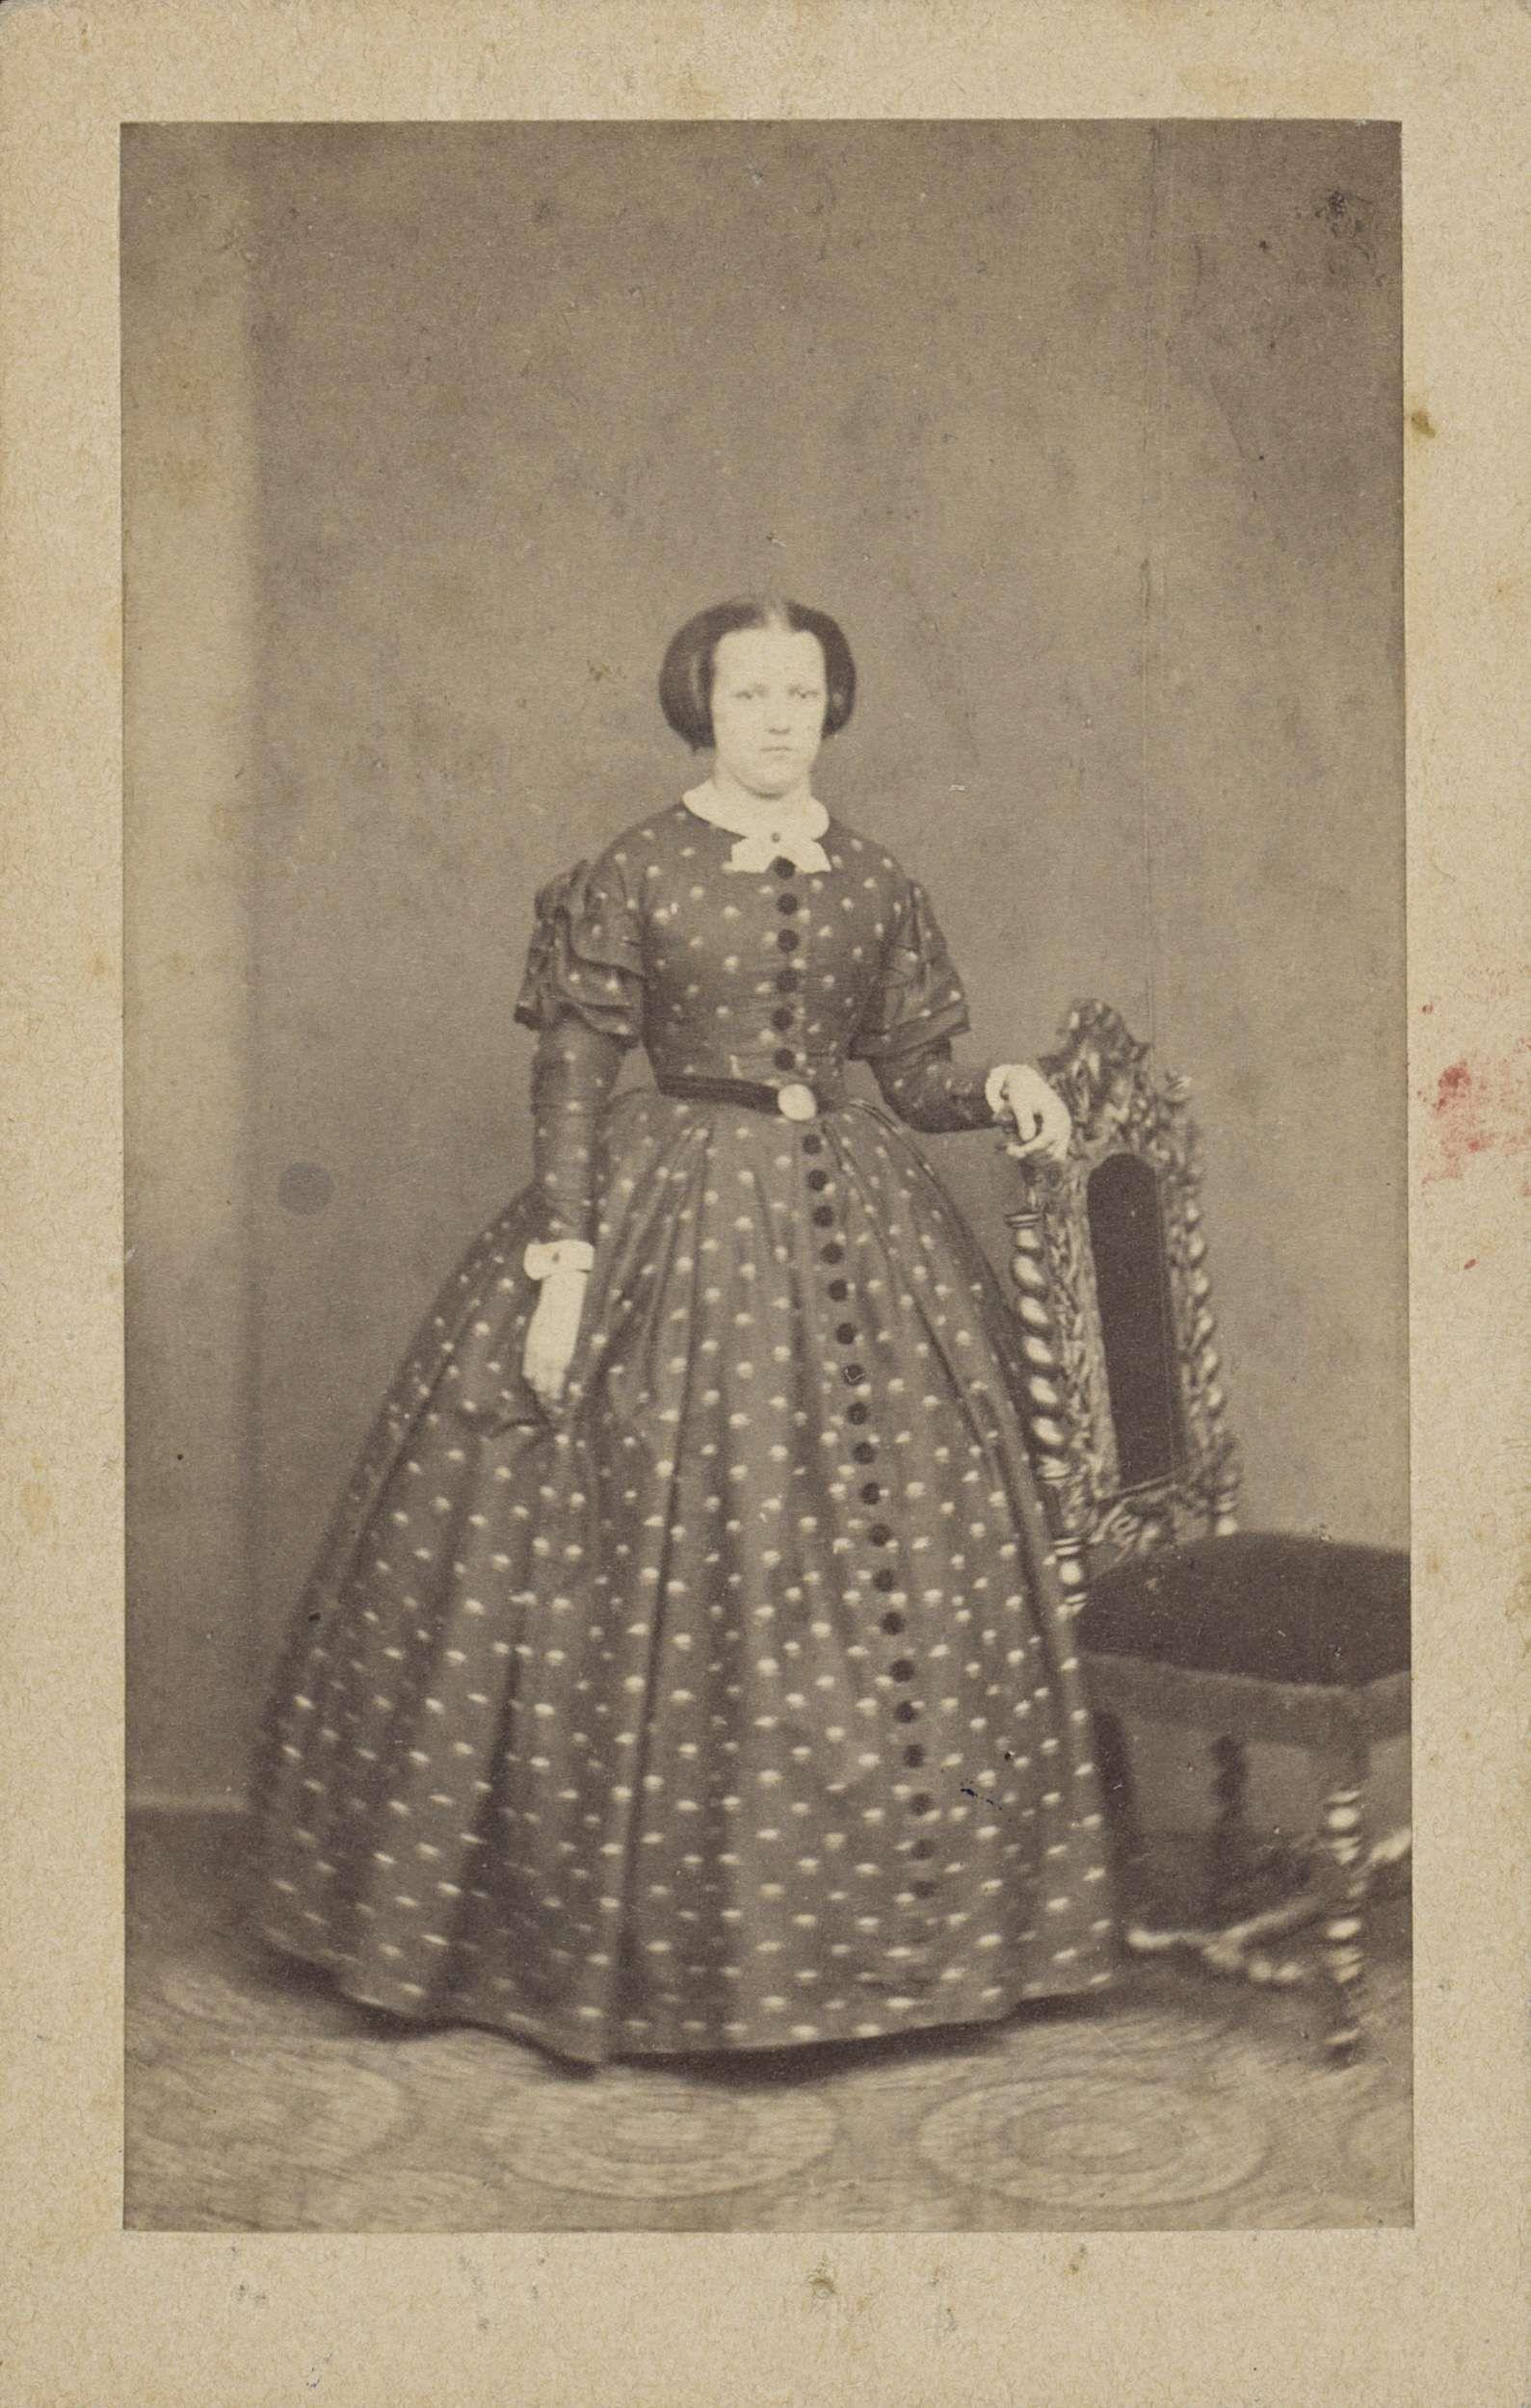 4324c33d0d2ec4 Portret van een vrouw in een lange jurk met stippen en ceintuur ...